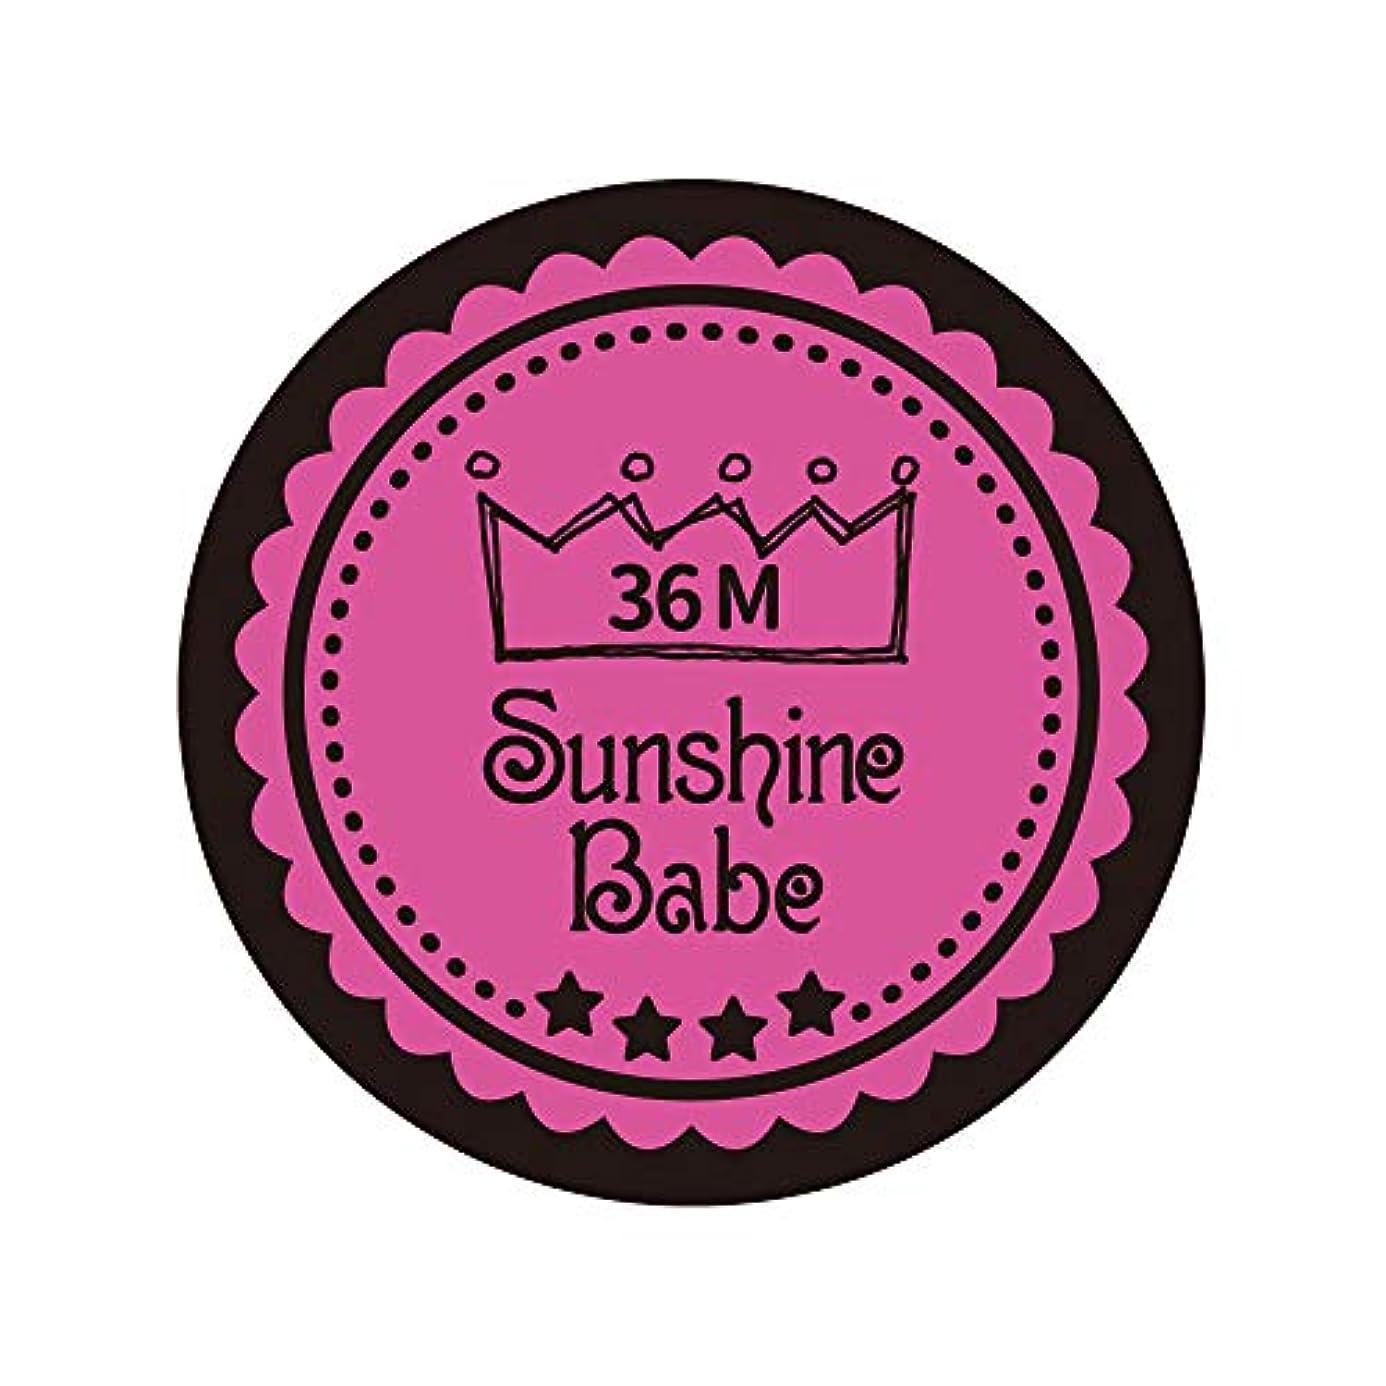 欺ボアダニSunshine Babe カラージェル 36M クロッカスピンク 2.7g UV/LED対応